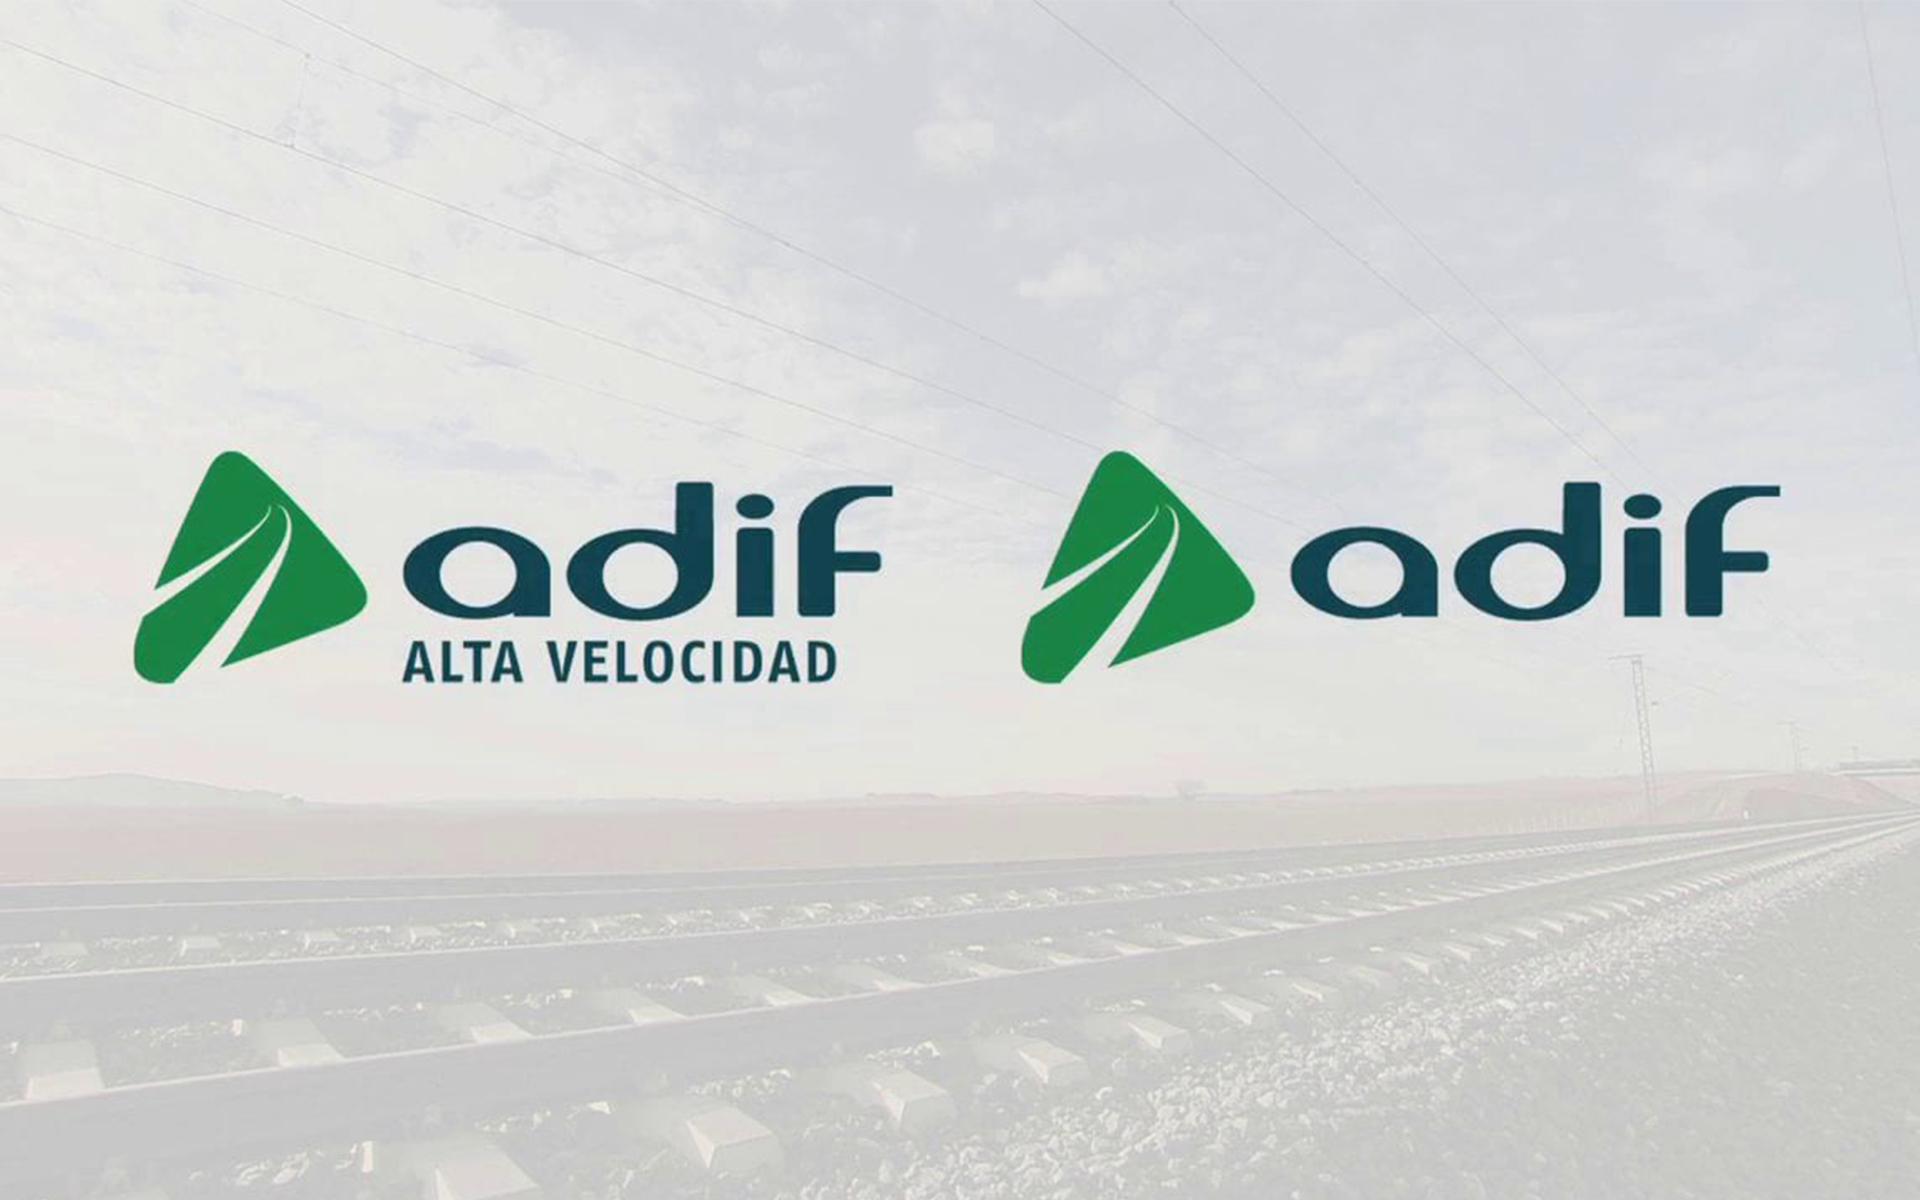 Adif-Adif-AV